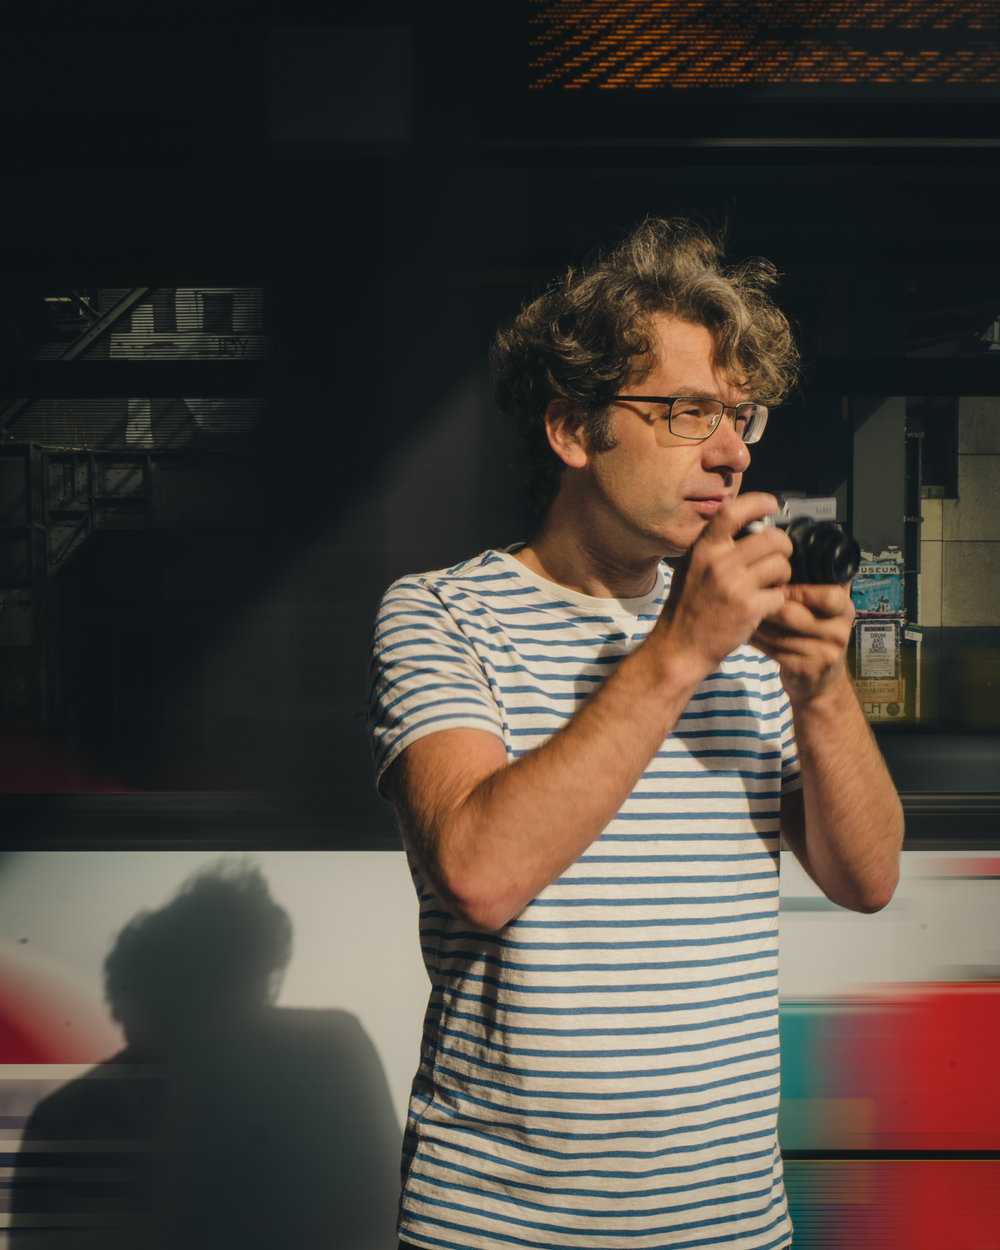 Jörg Nicht, geboren 1973 in Görlitz, studierte an der Berliner Humboldt-Universität Erziehungs- und Sozialwissenschaften. Er lebt und arbeitet heute als Fotograf in Berlin.   Der Fotografie widmet er sich seit seinem 12. Lebensjahr. Sein bevorzugtes Genre ist die Straßenfotografie, zu seinen Sujets zählen unter anderem städtisches Leben und die Mobilität im urbanen Raum. Jörg ist stets auf der Suche nach dem besonderen Licht: Mal sind es die harten Kontraste des Gegenlichtes, mal das weiche Licht der durch die Wolken hervorbrechenden Sonne. Einem breiteren internationalen Publikum bekannt sind Jörgs Arbeiten durch das fotosoziale Netzwerk Instagram, auf dem seinem Account @jn mehr als 550.000 Menschen folgen. Jörg Nicht ist LUMIX Ambassador und arbeitete u. a. für BMW, Lenovo und Huawei.